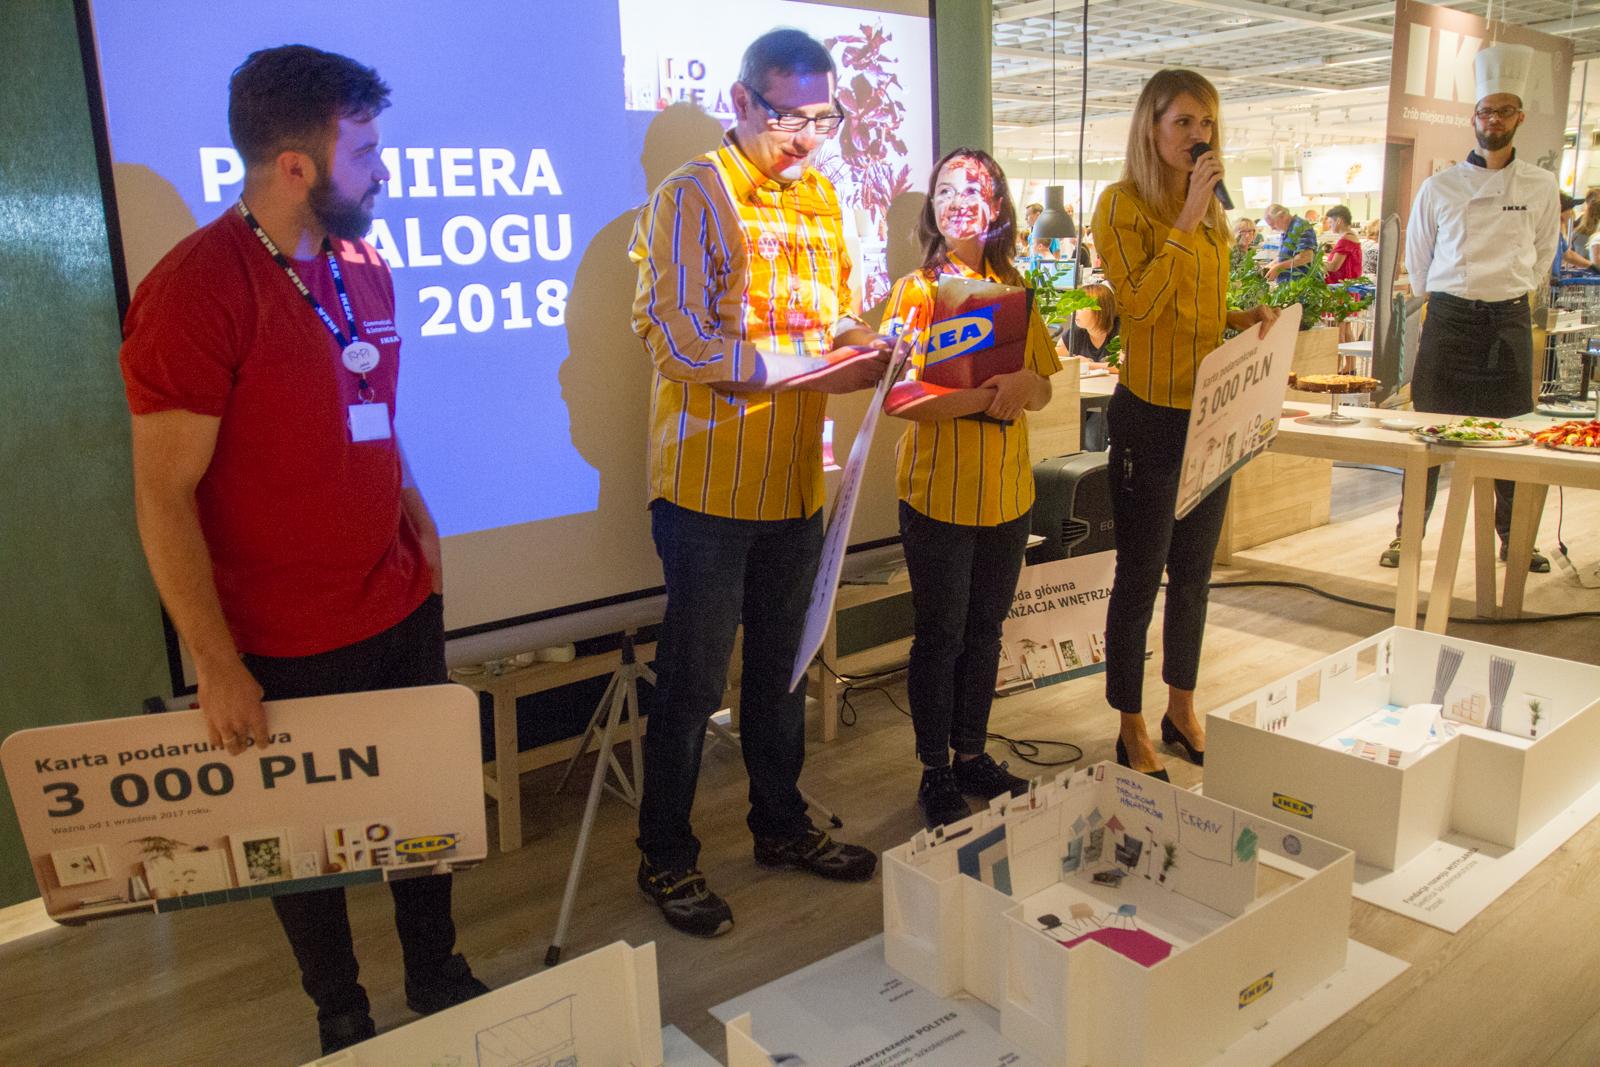 Prezentacja nowego katalogu Ikea 2018 - Poznań 29.08.2017 r.  Foto: © lepszyPOZNAN.pl / Karolina Kiraga